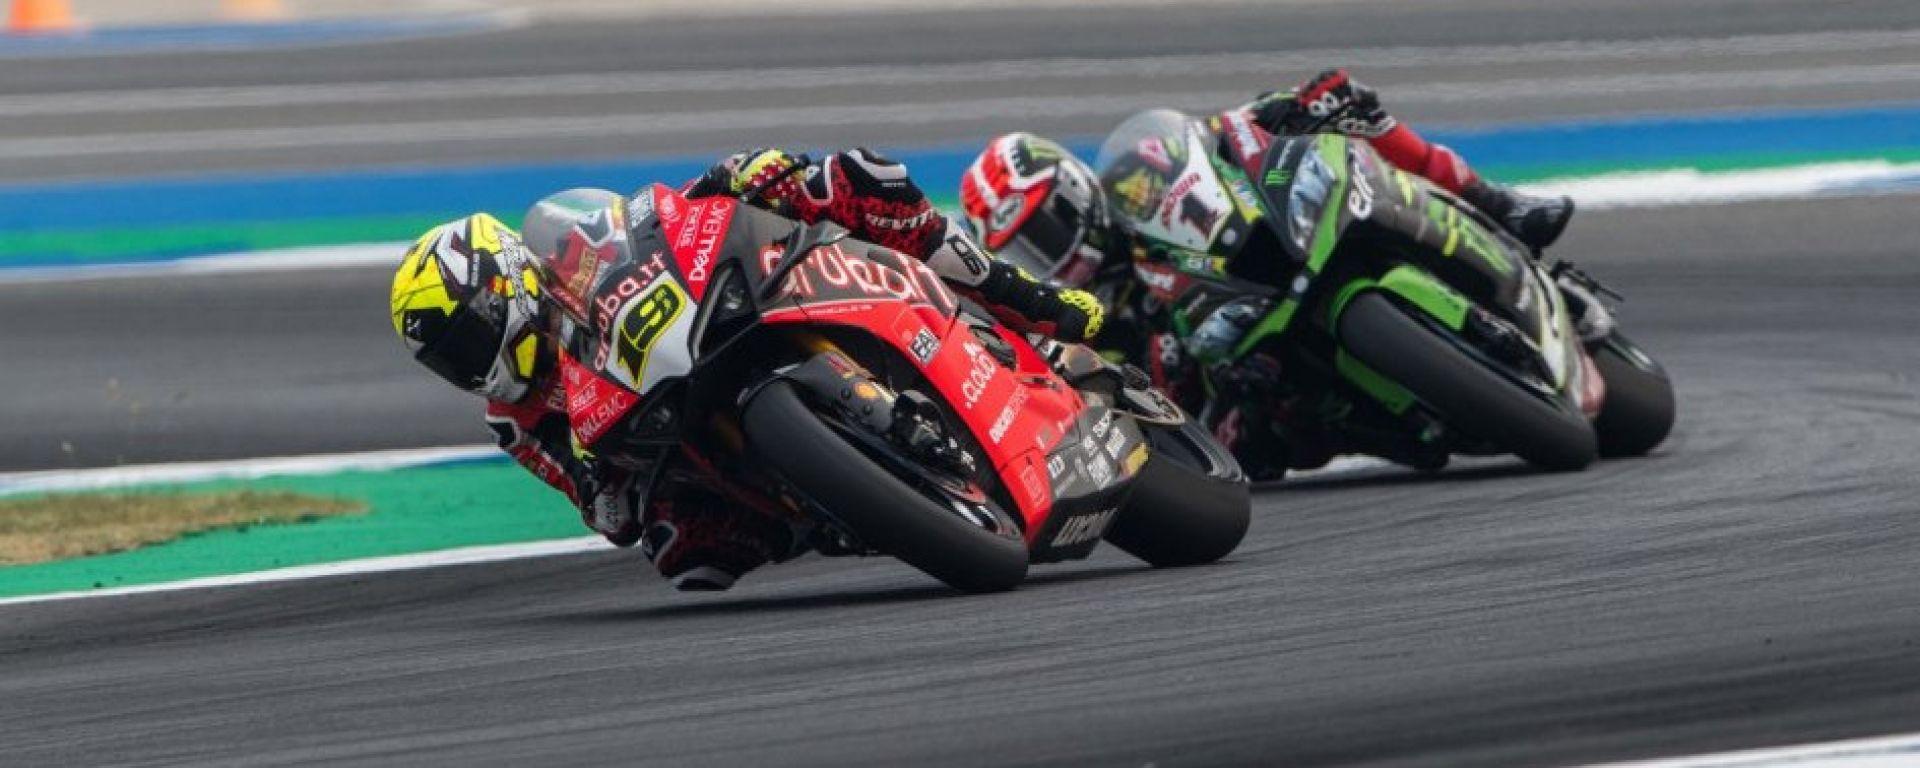 Superbike da domani ad Assen 2019, La Ducati privata di 250 giri motore